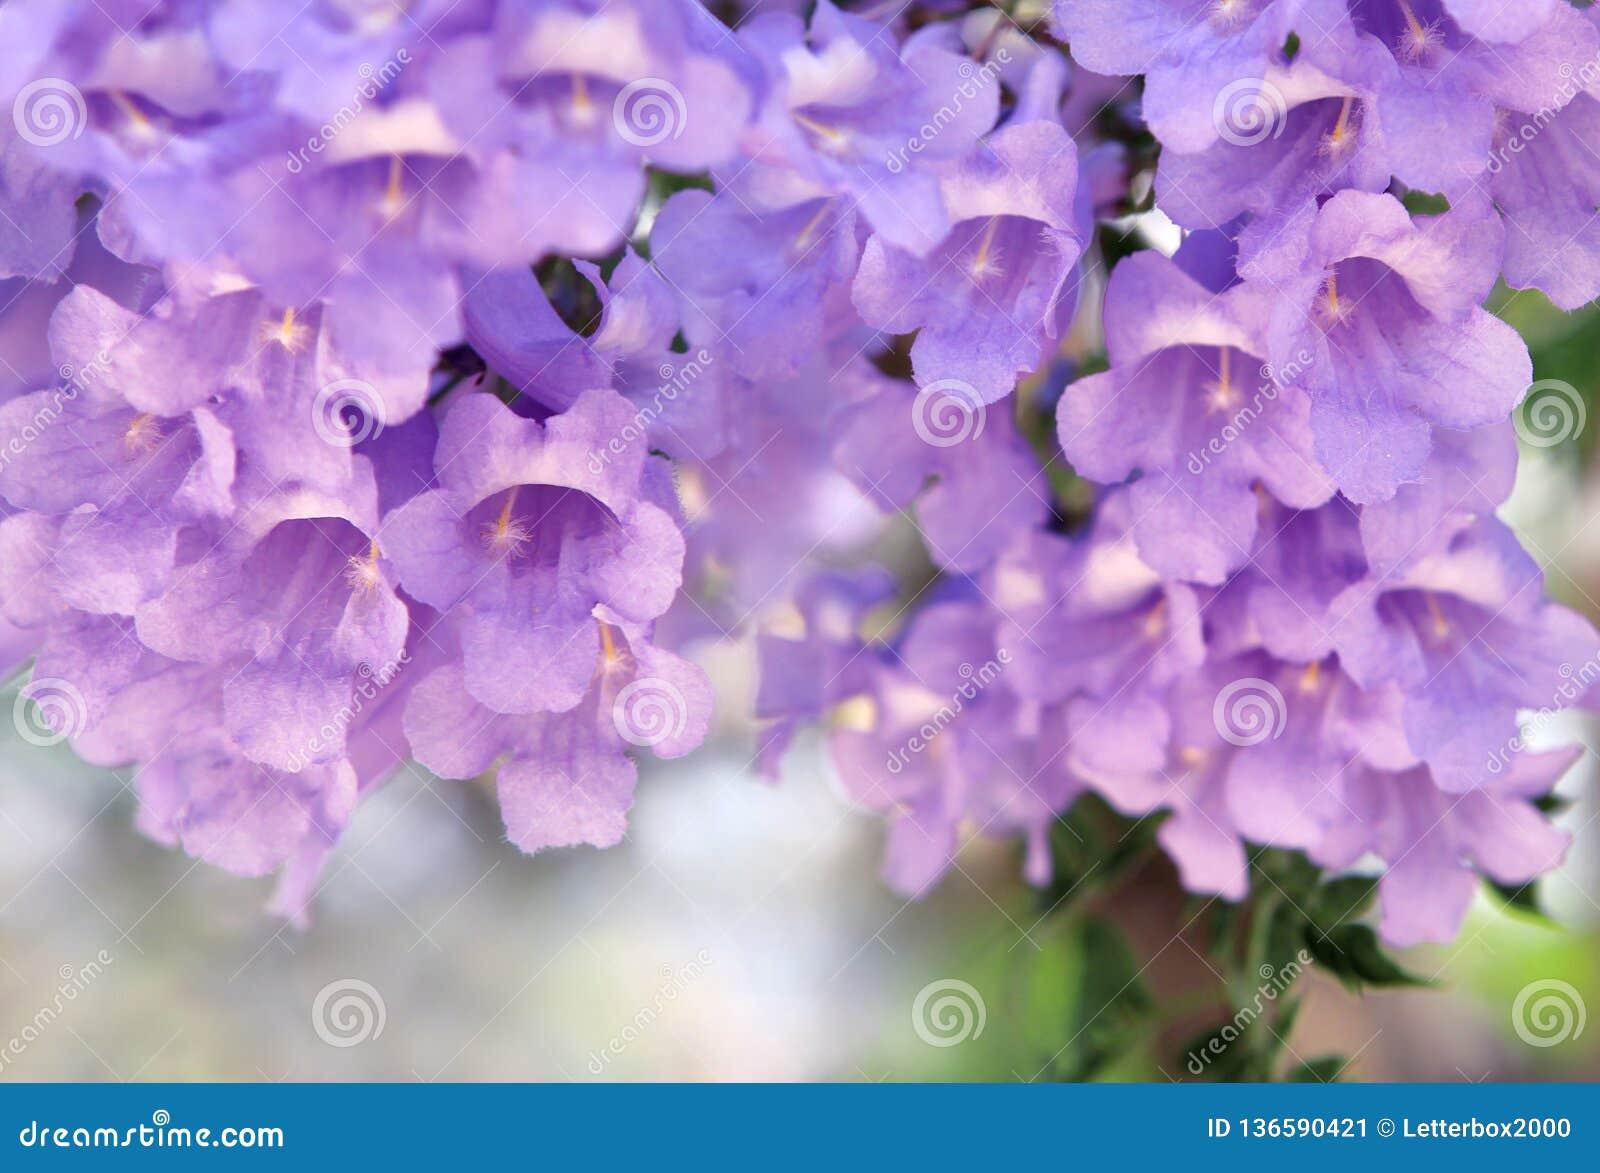 Purple Flowers On The Jacaranda Tree Stock Image Image Of Ornamental Tree